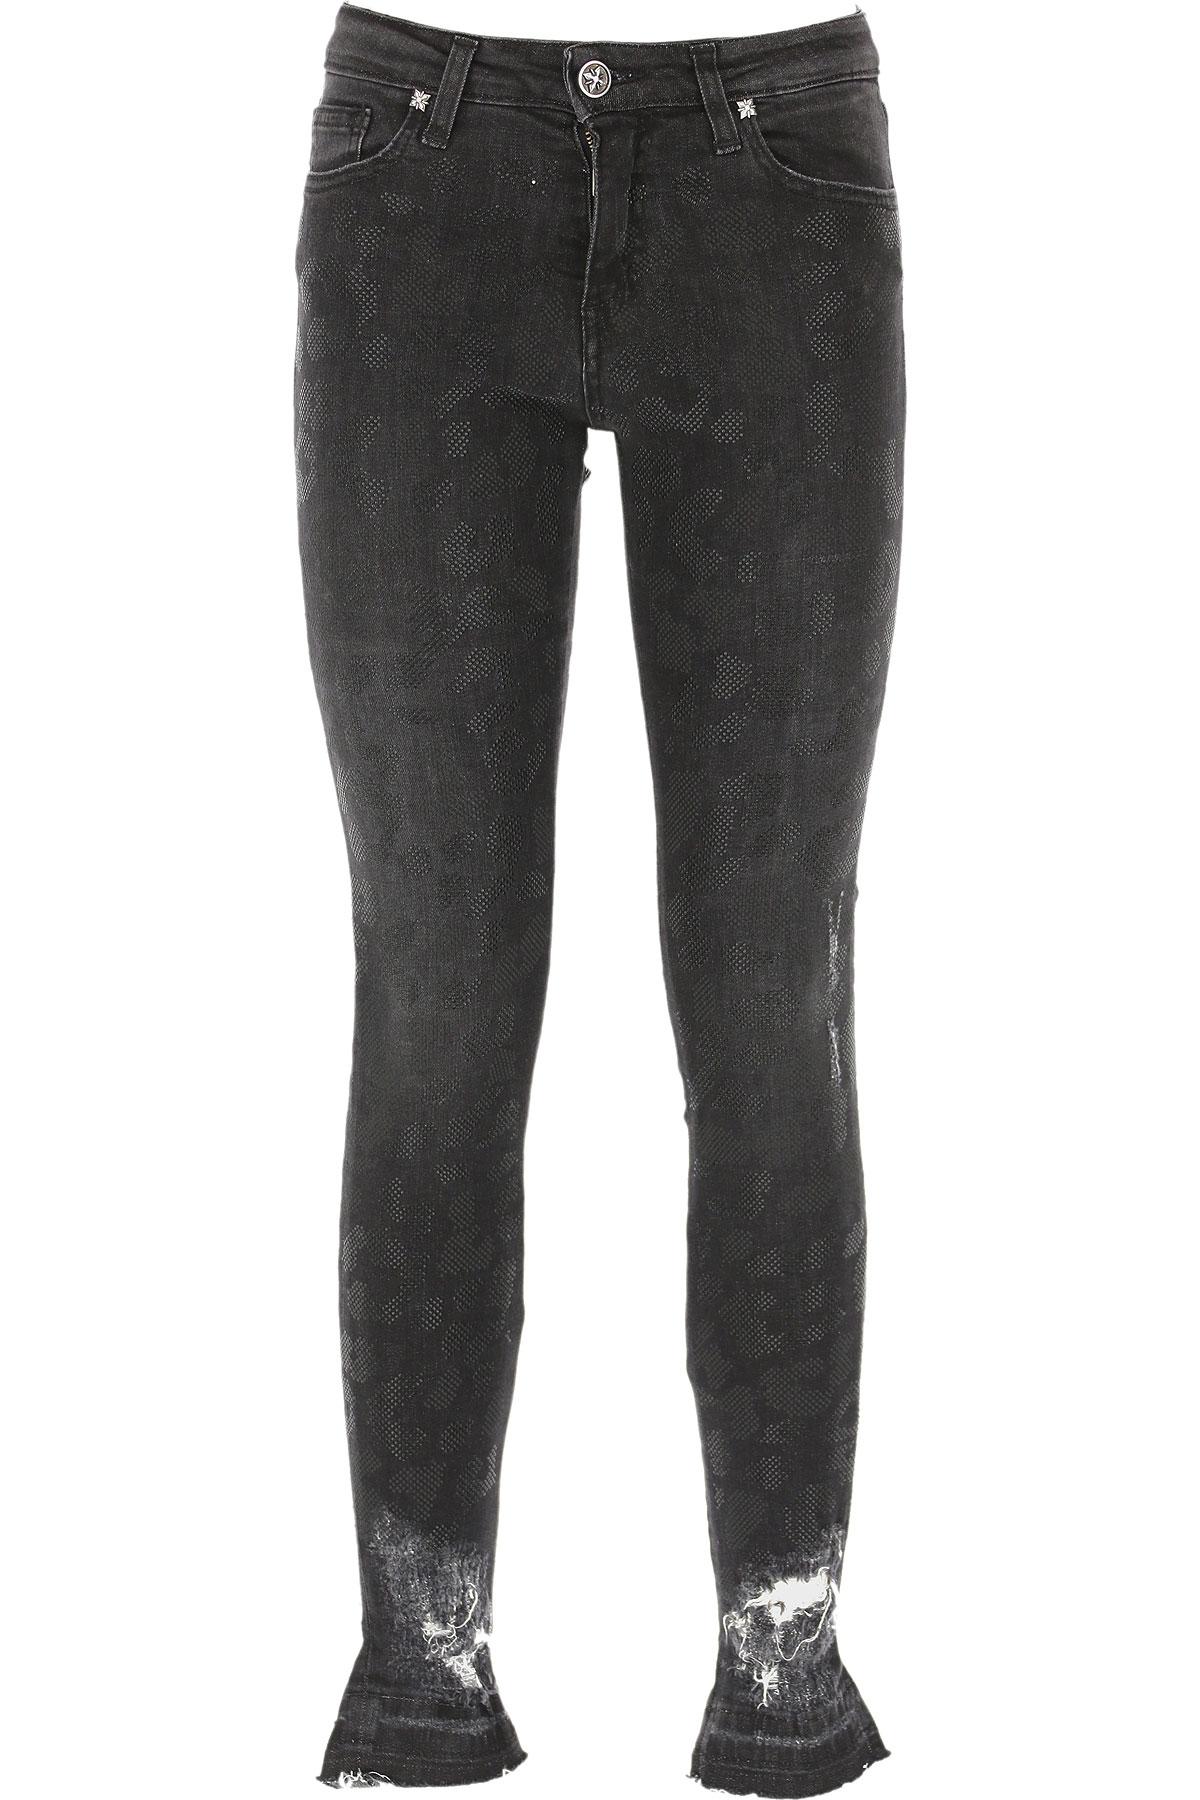 John Richmond Jeans On Sale, Dark Anthracite Grey, Cotton, 2019, 24 26 27 28 30